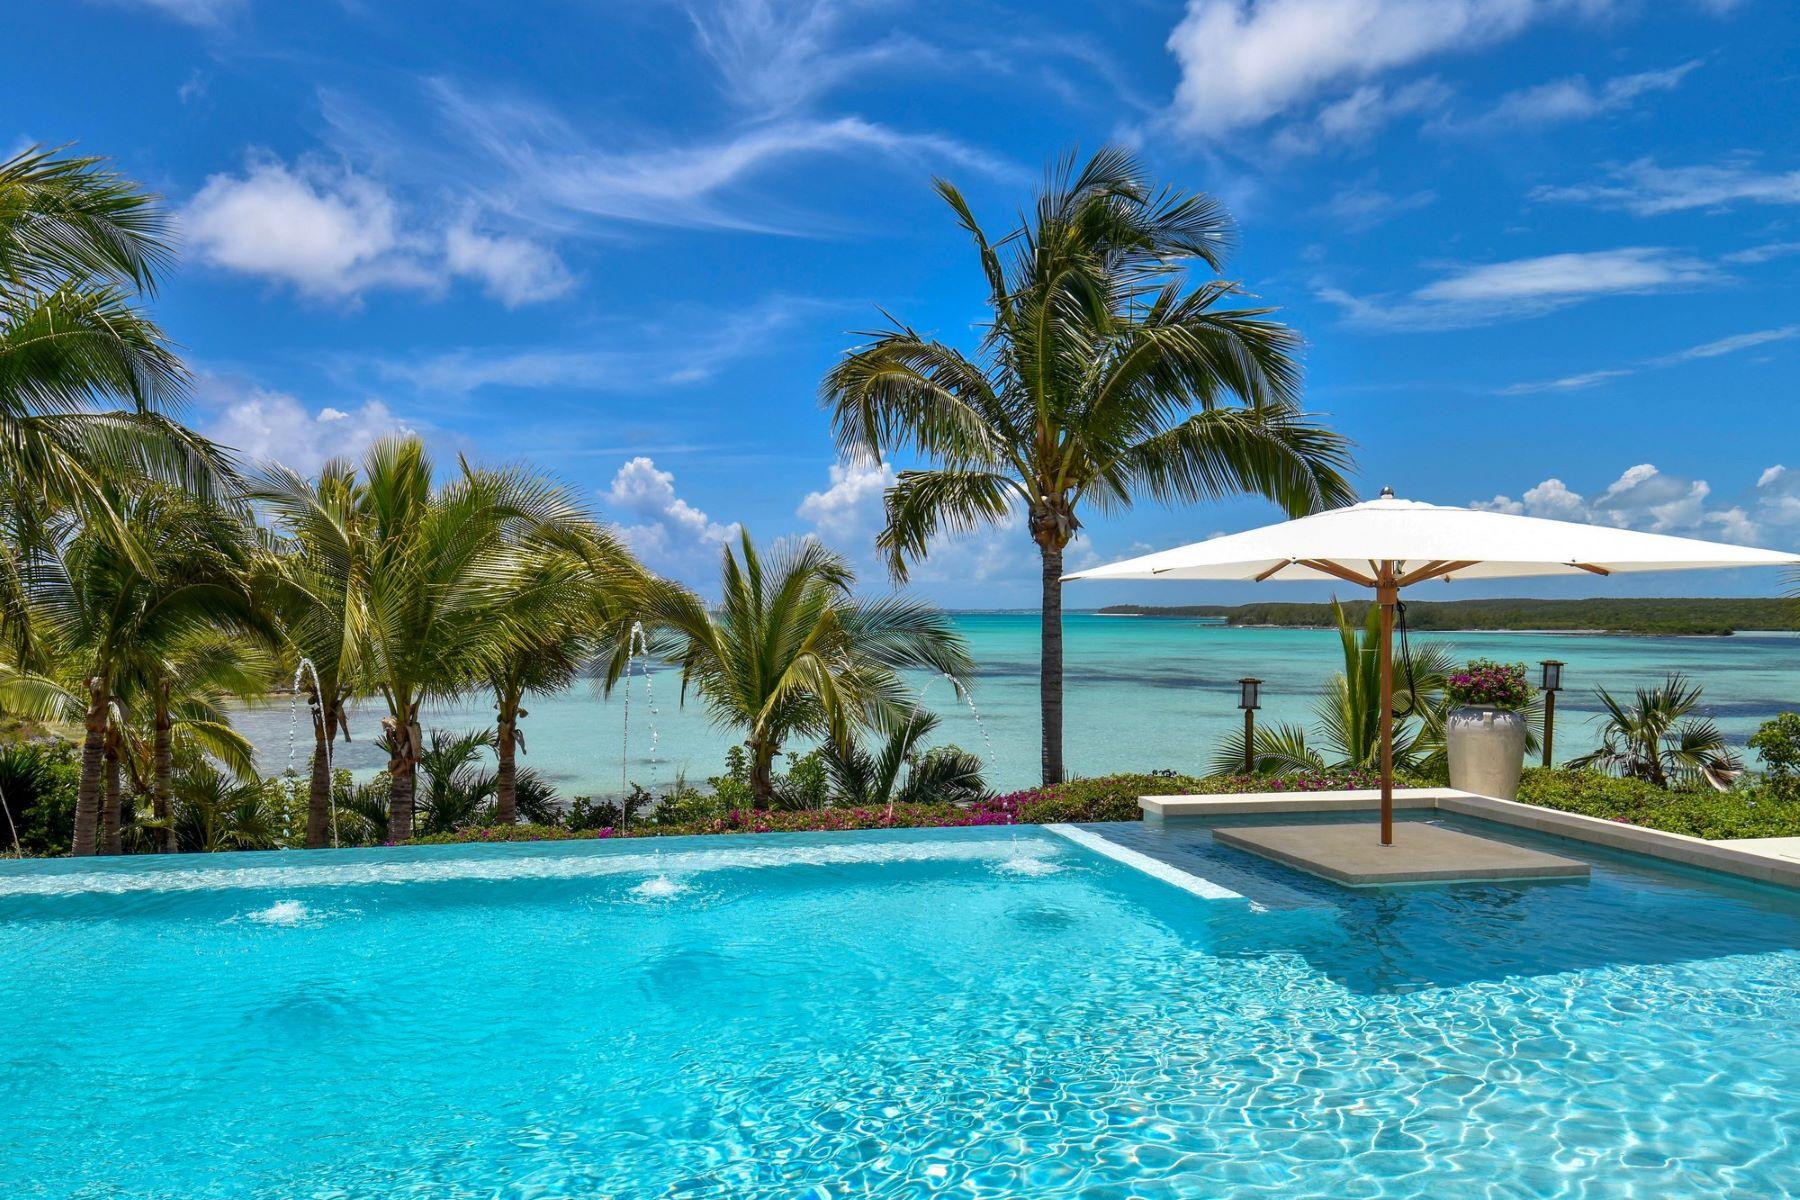 Single Family Homes for Sale at Allamanda Estate & Acreage Windermere Island, Eleuthera Bahamas